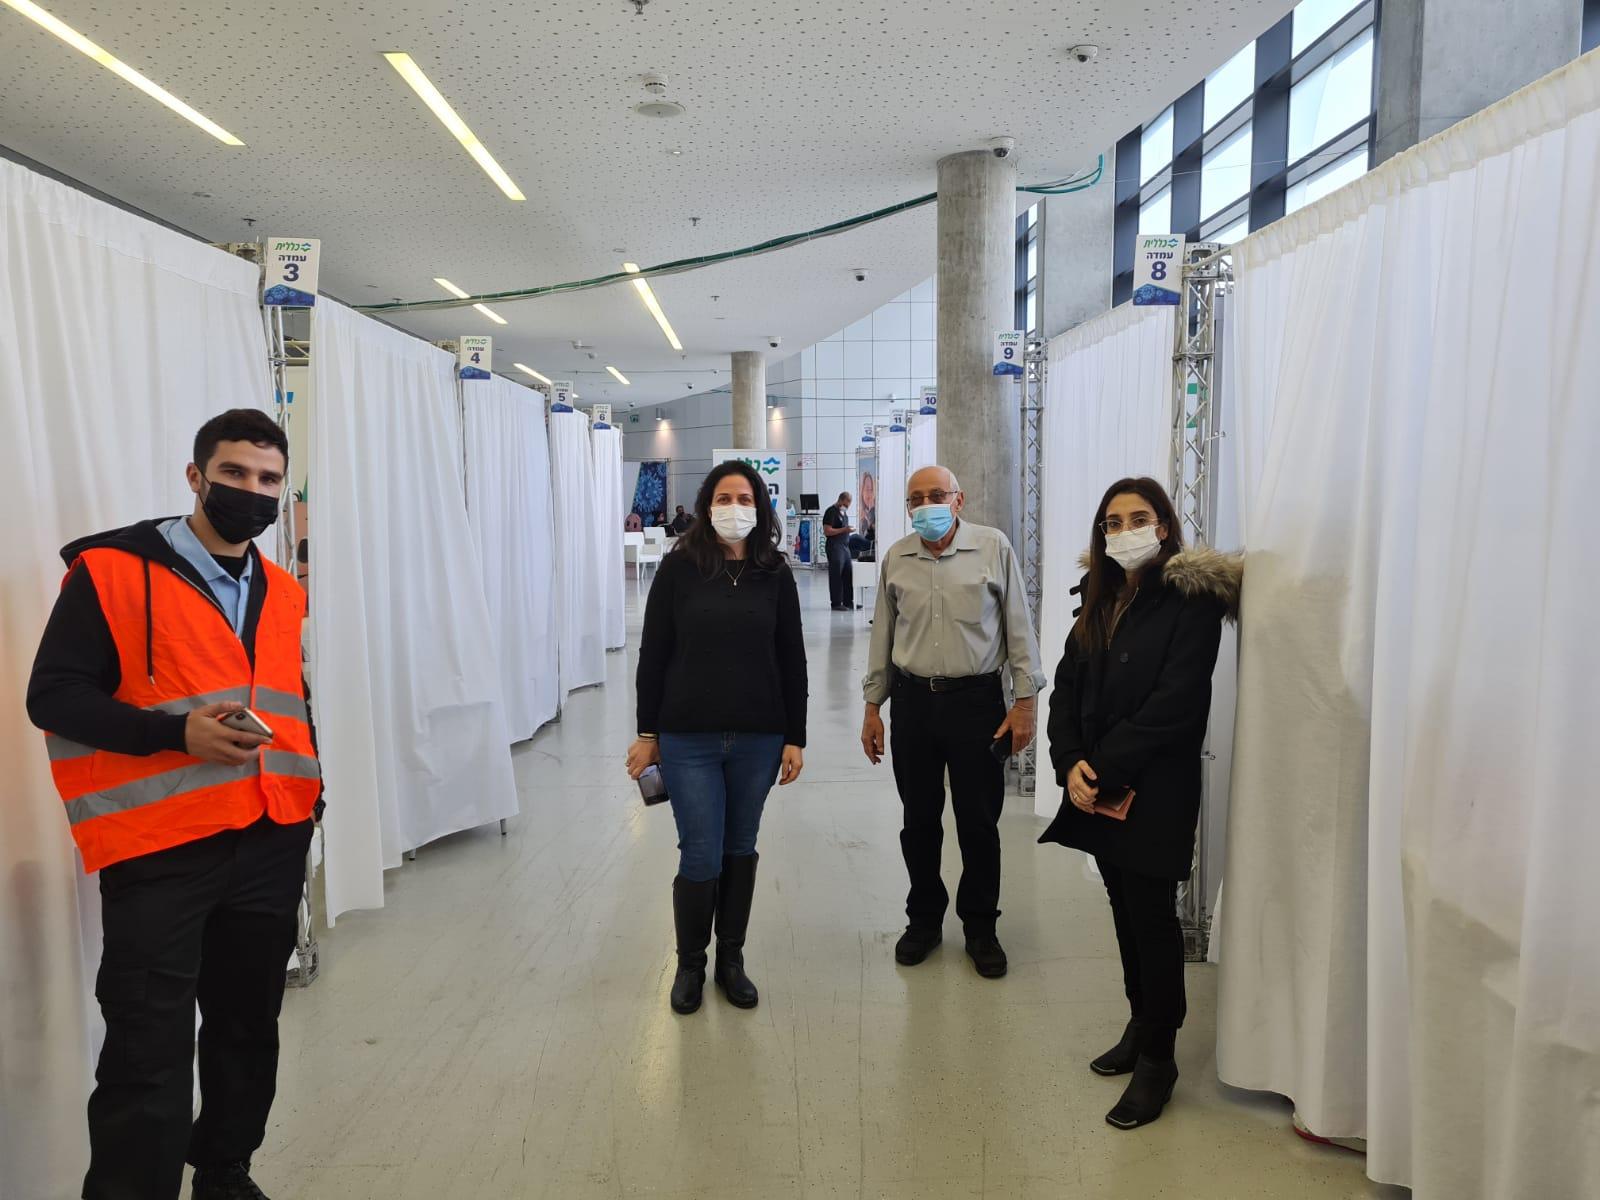 מוטי ששון קופת חולים כללית מתחם חיסונים צילום עיריית חולון